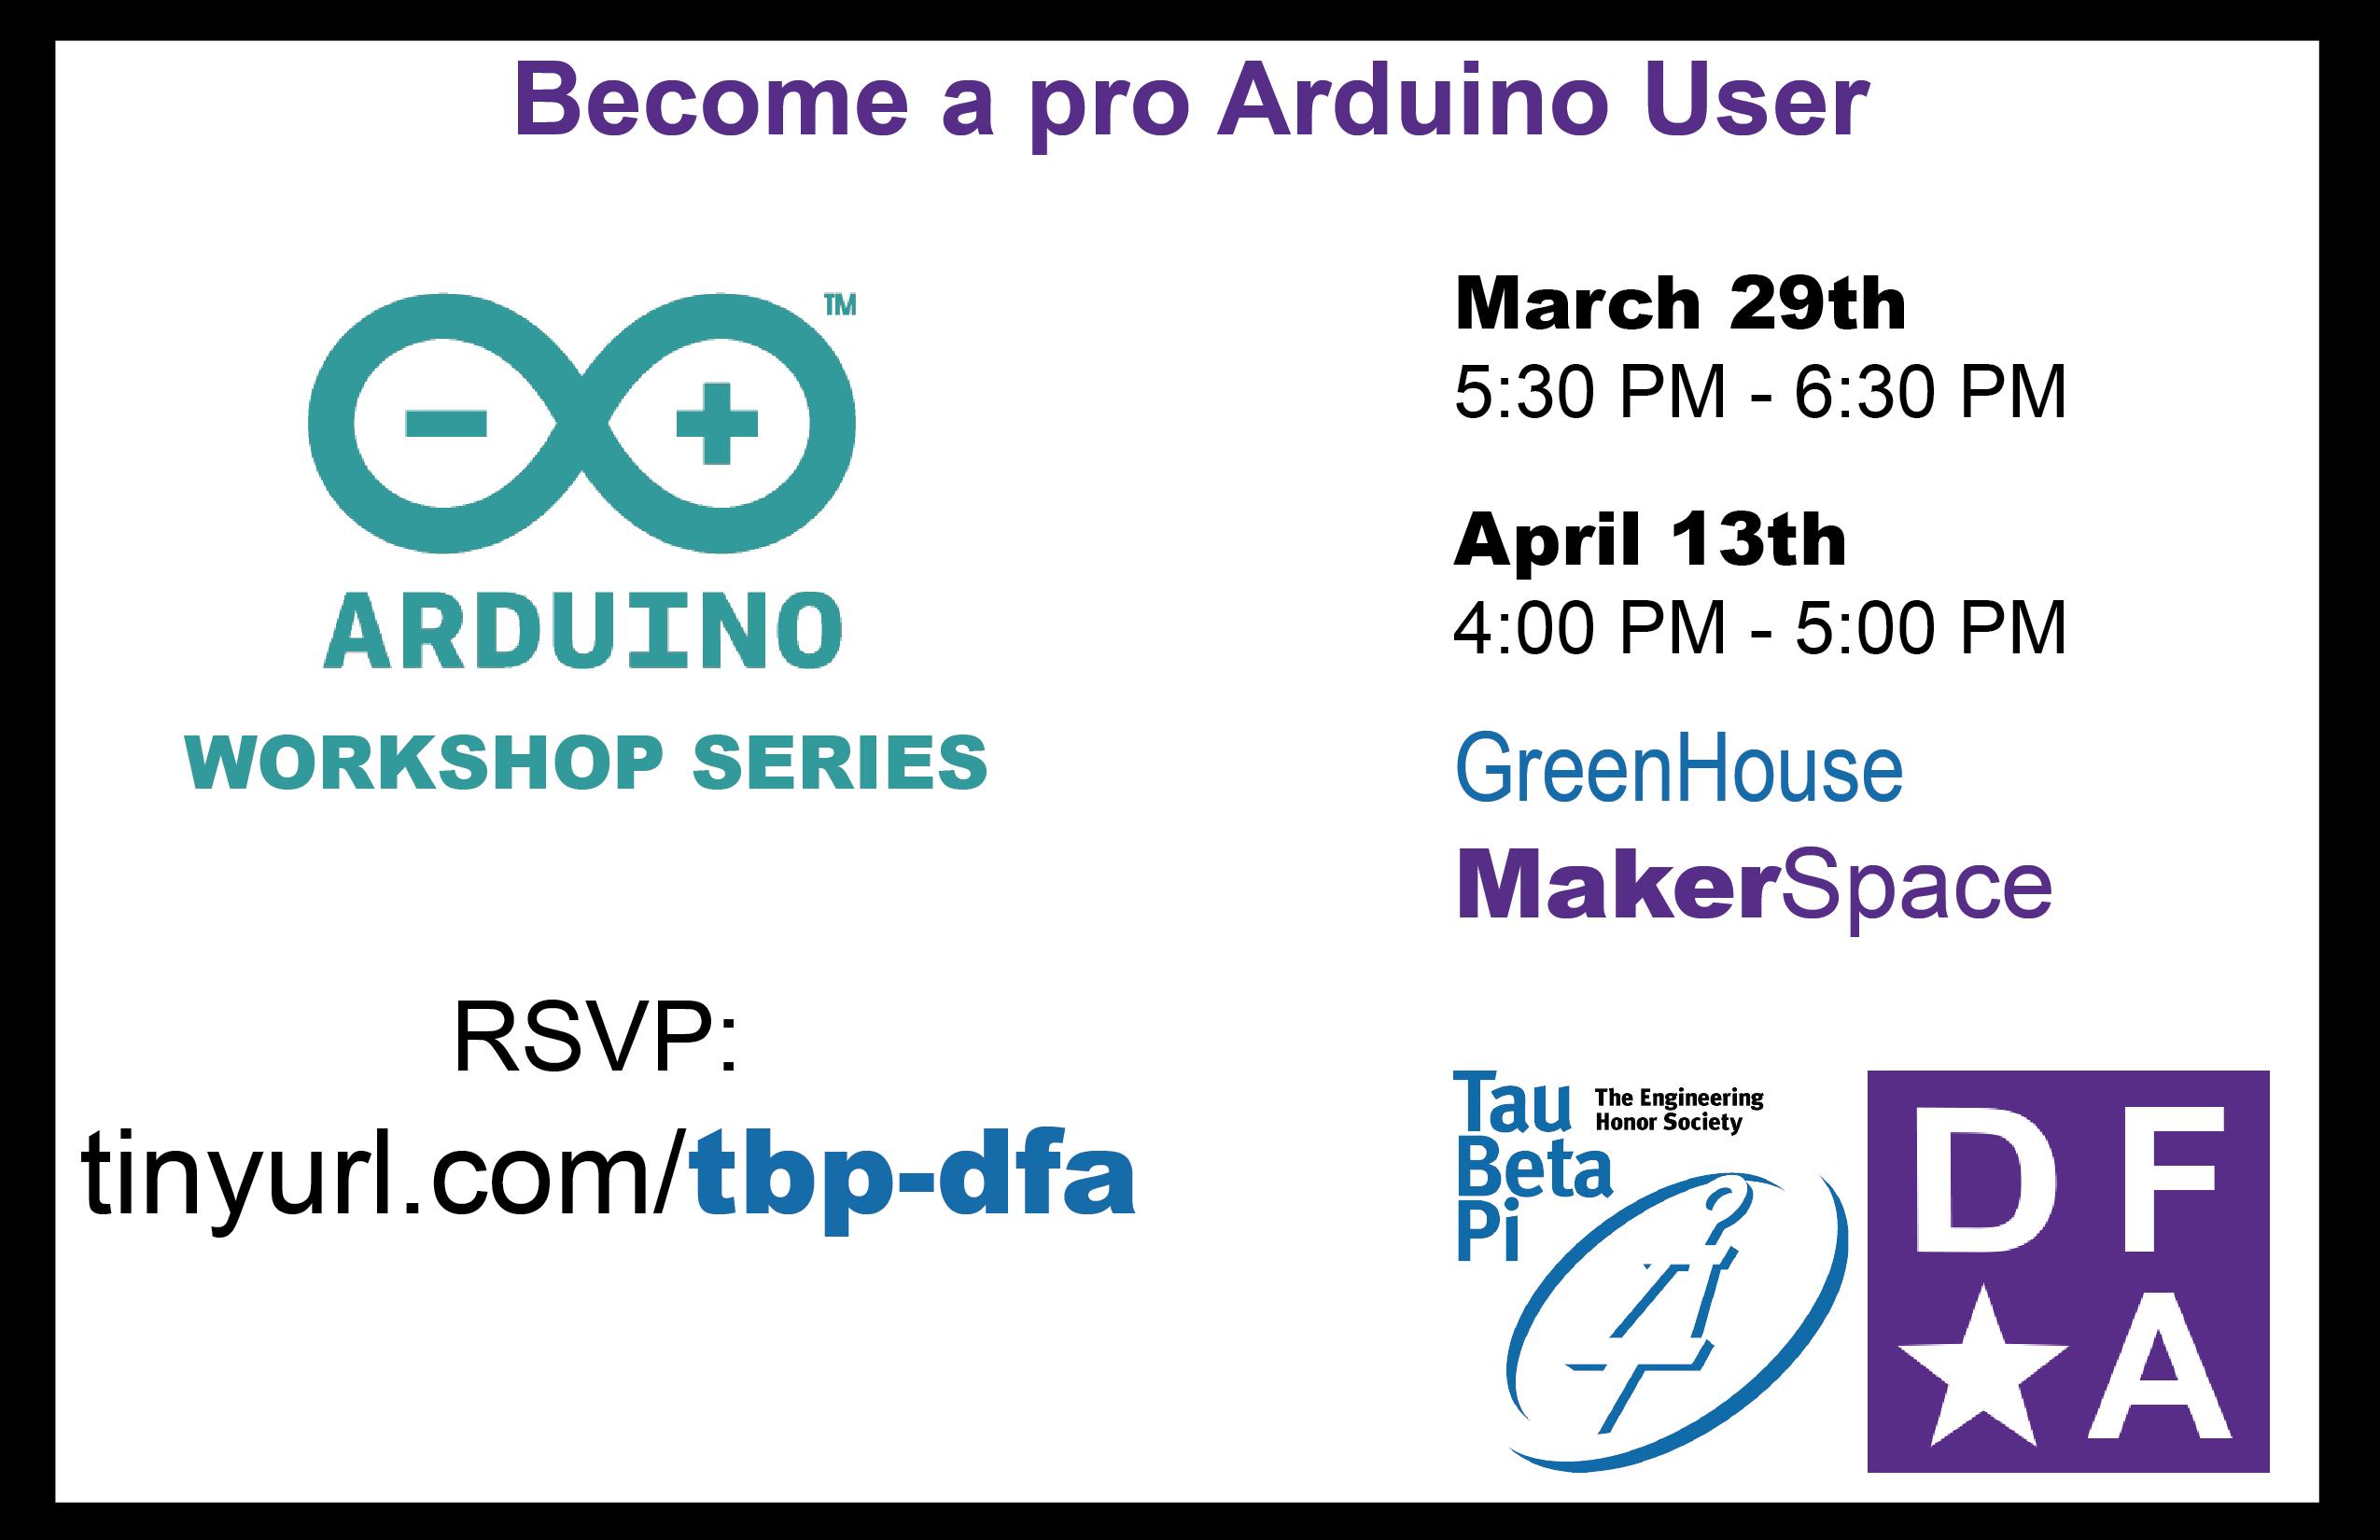 https://www.eventbrite.com/e/arduino-workshop-series-tickets-32941719570